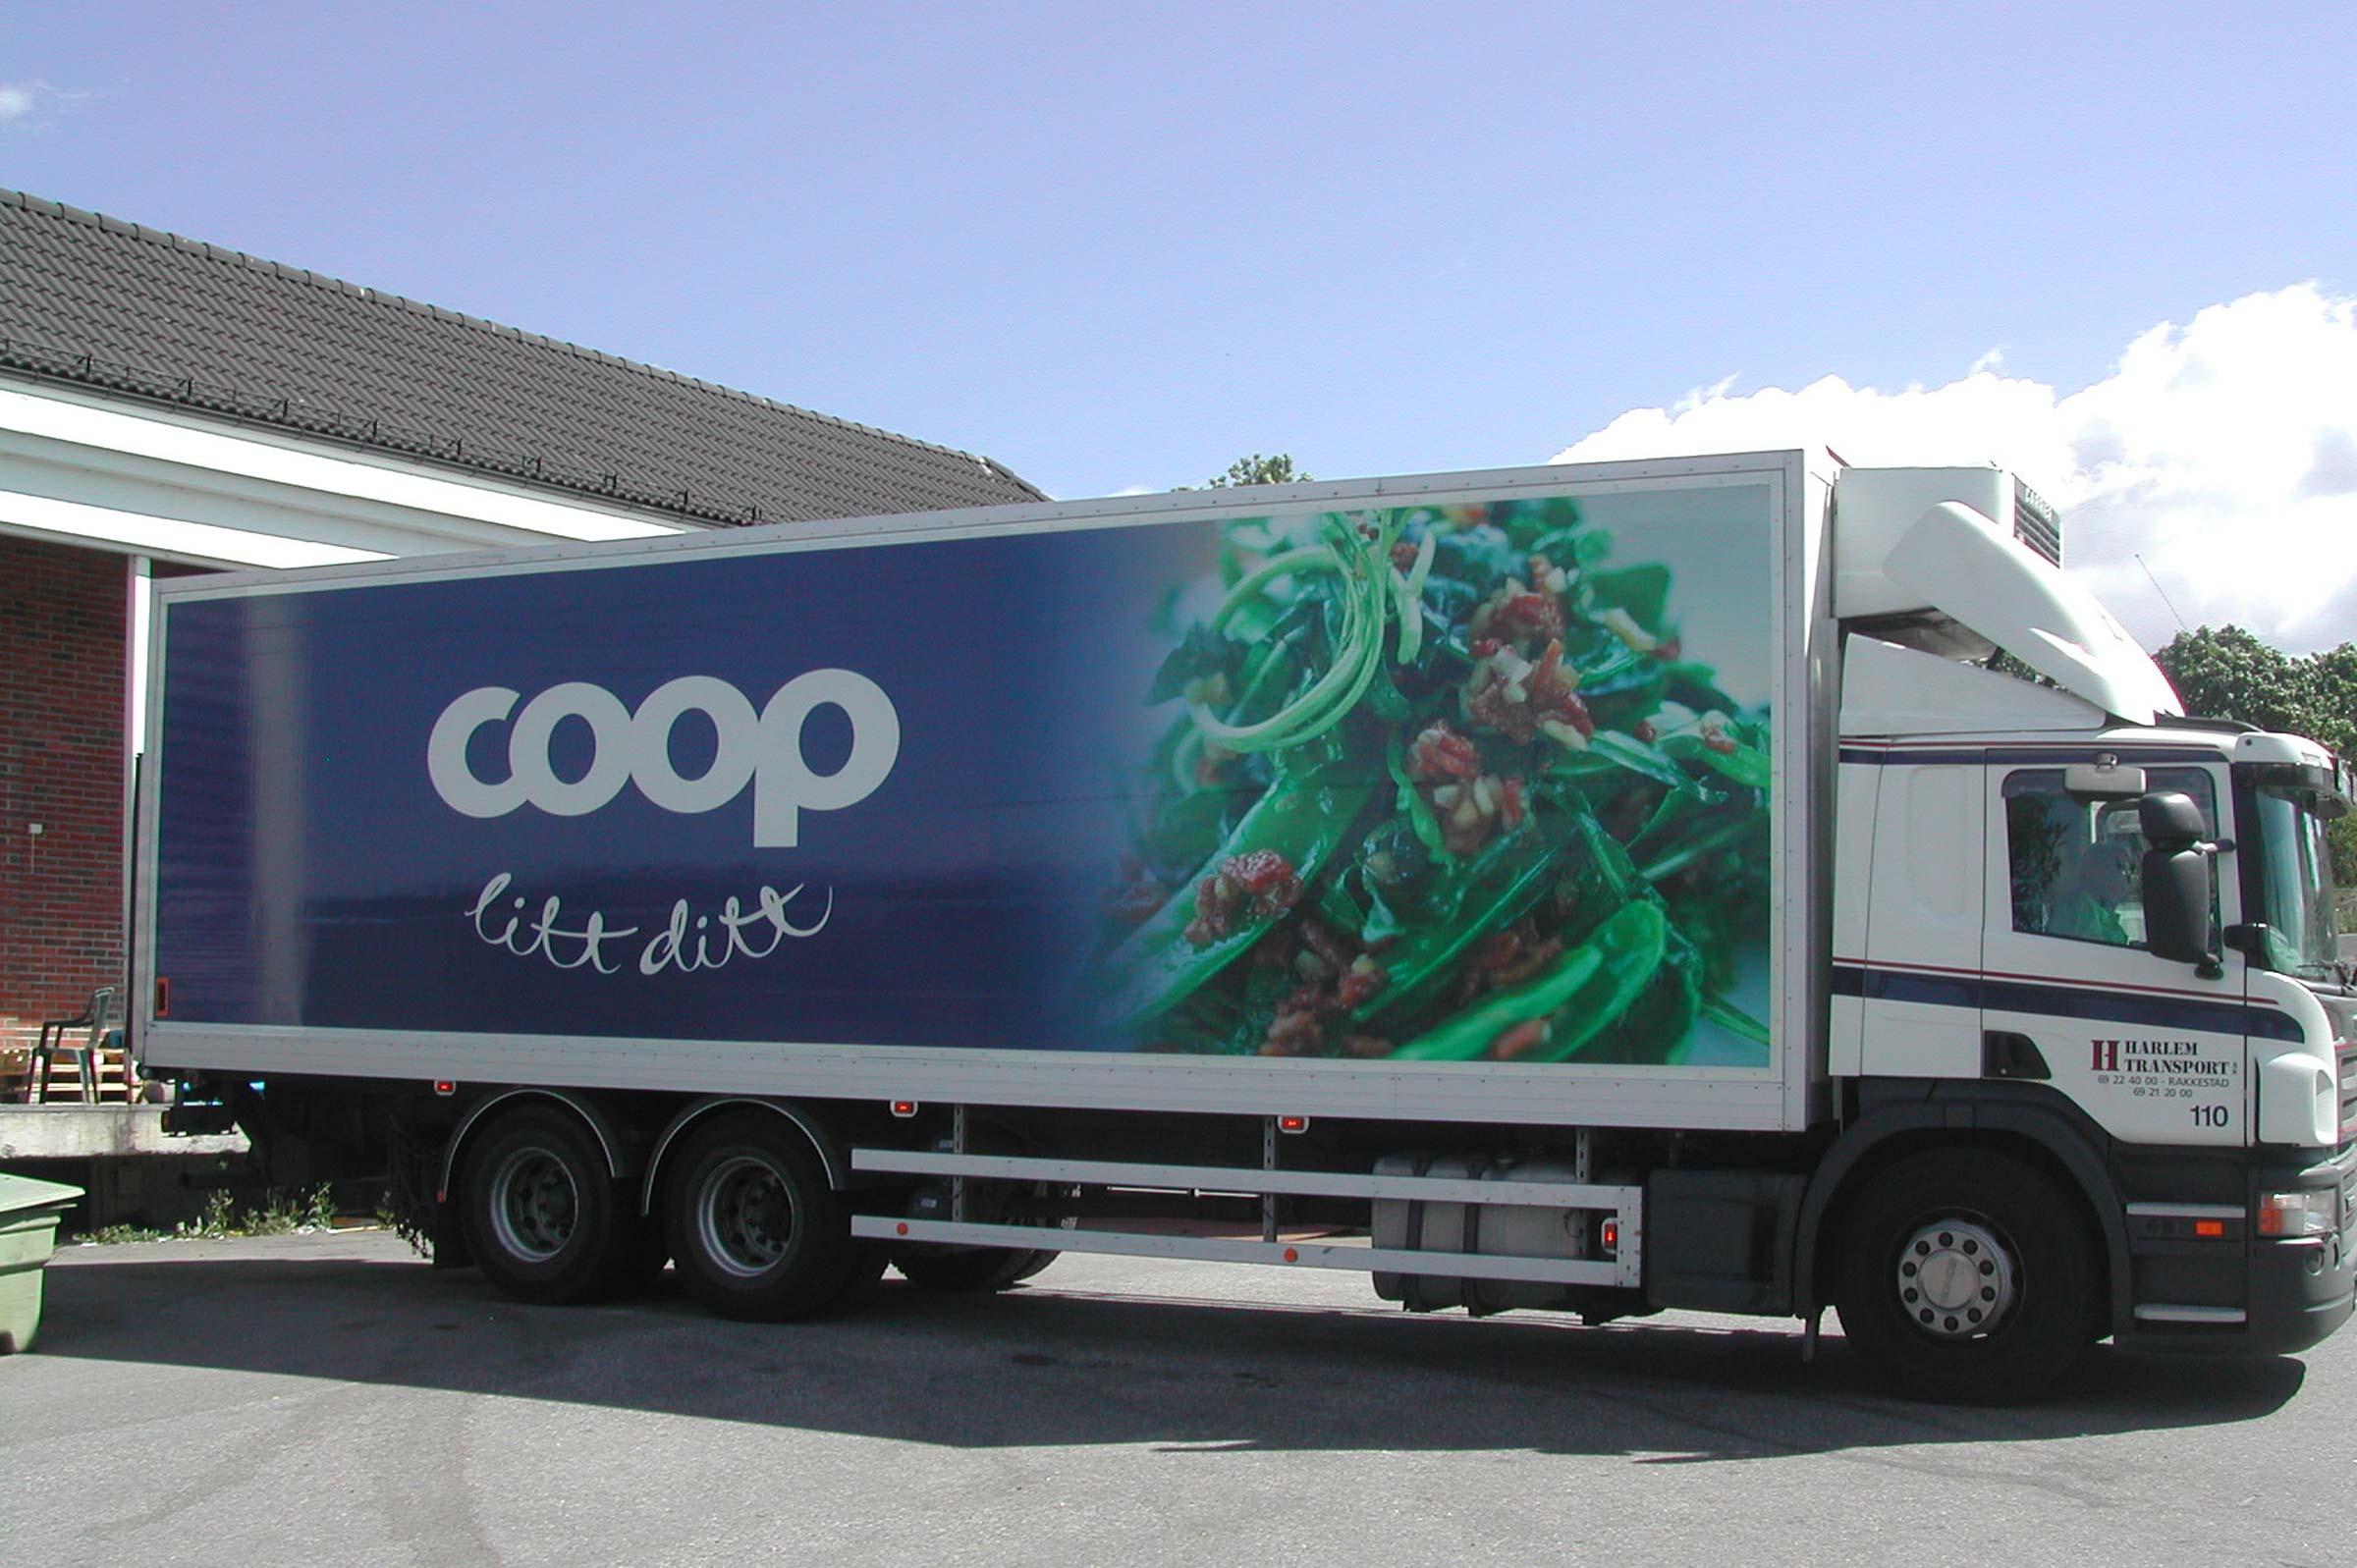 Coop Extra, bildekor, trailer